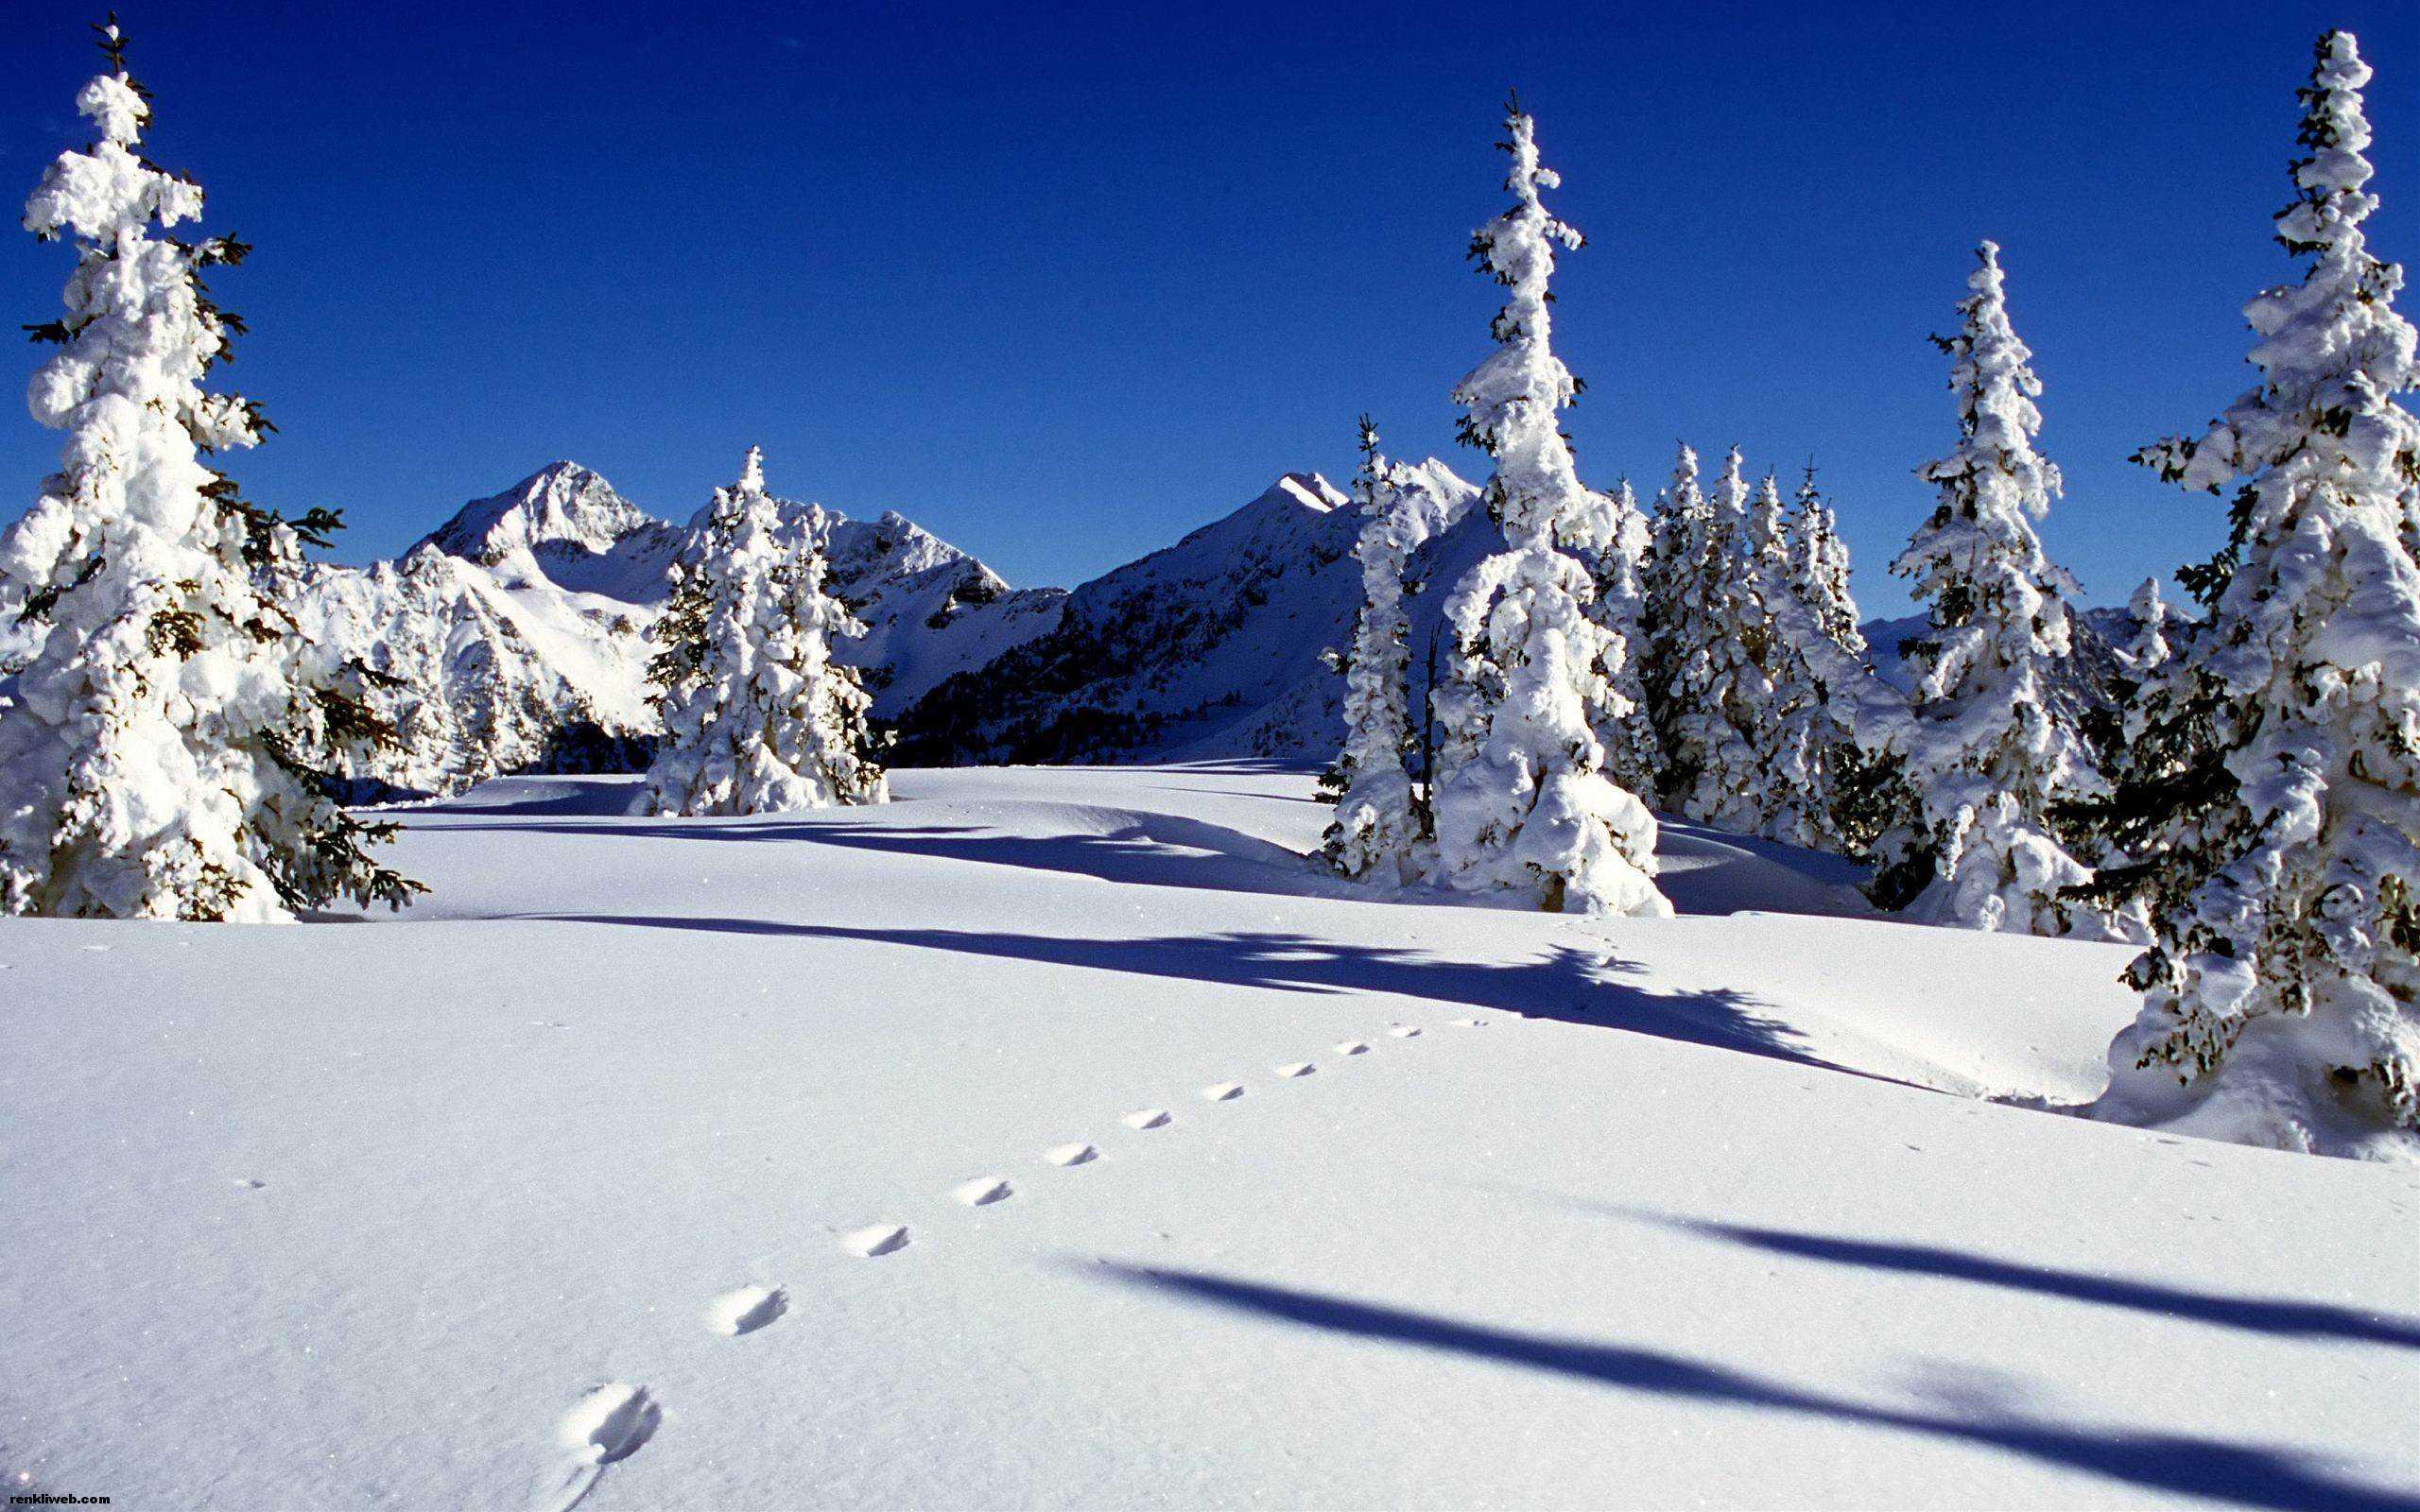 kış ve kar manzaraları 006